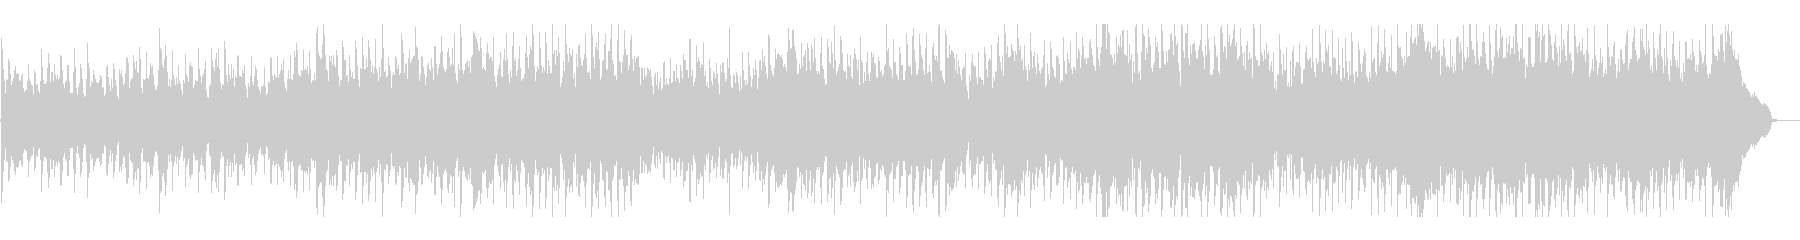 リズミカルで伝統的なフォークミュージックの未再生の波形